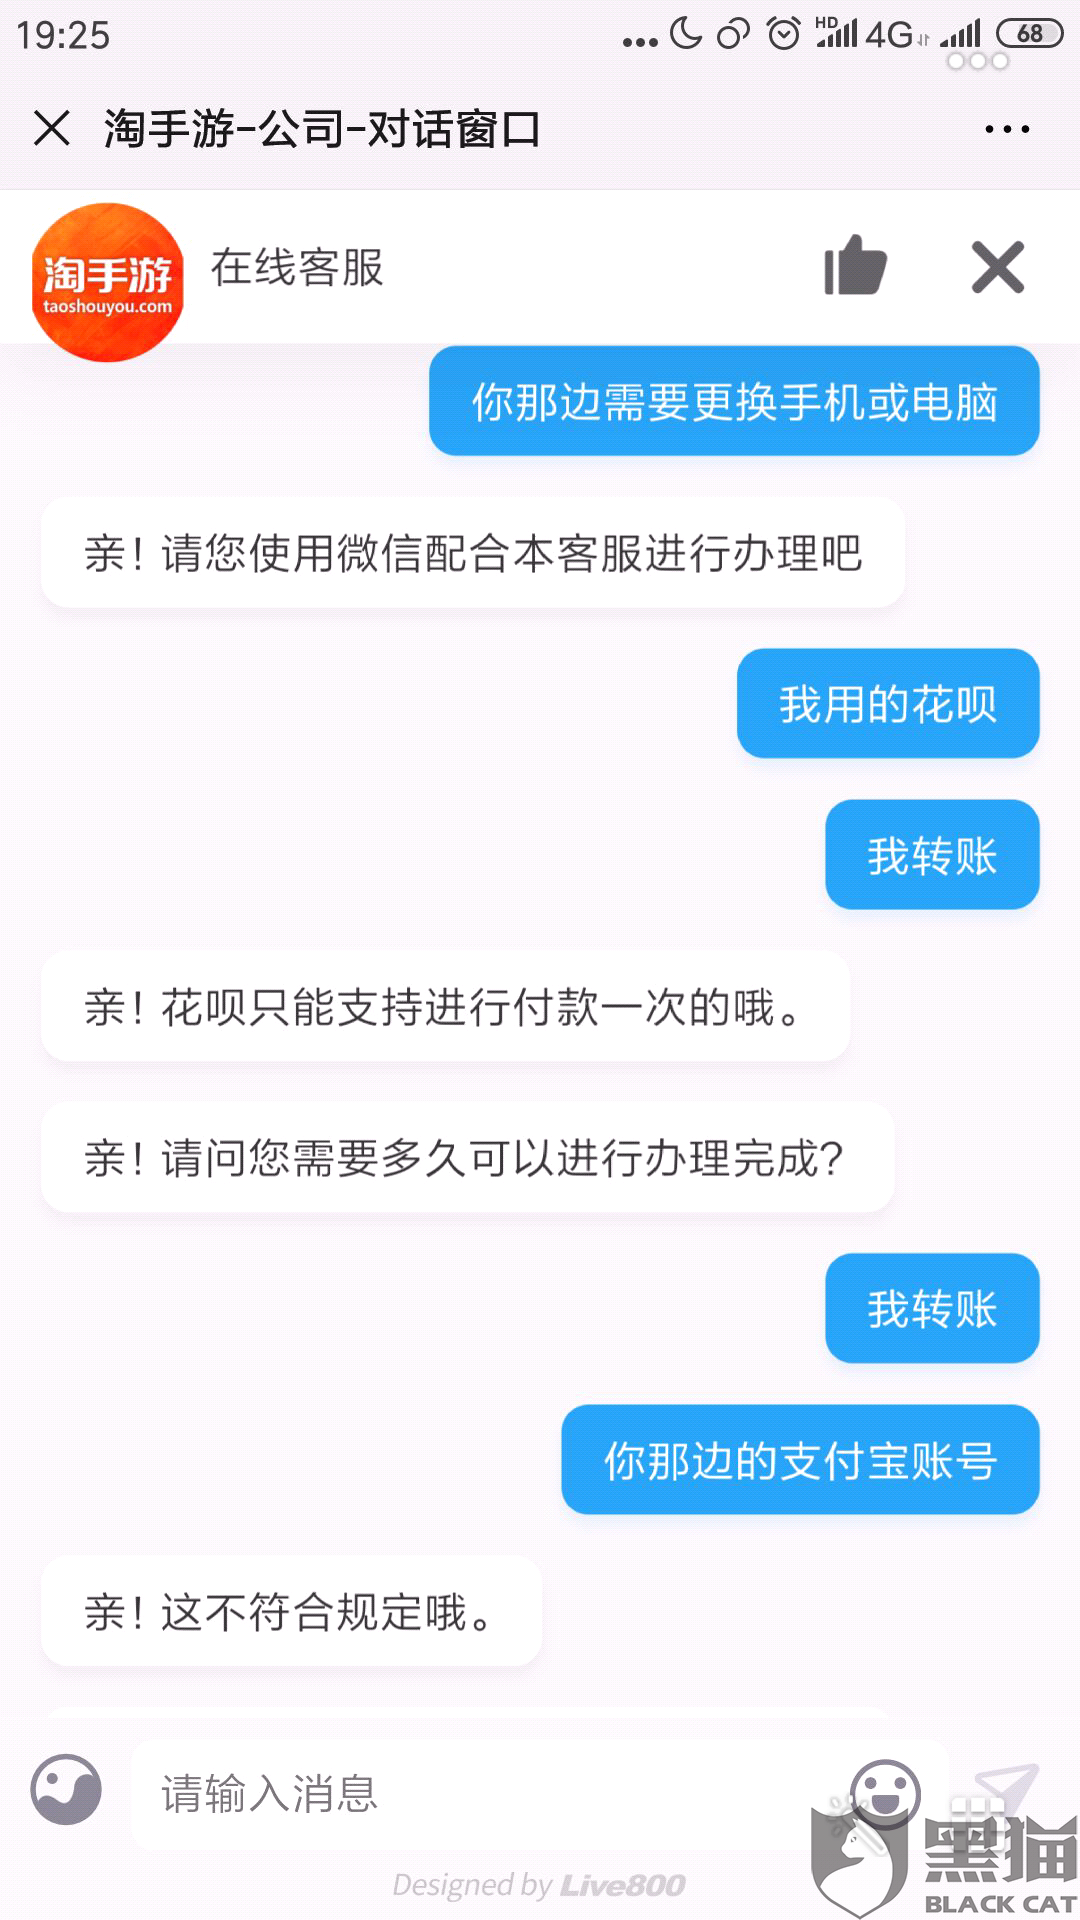 黑猫投诉:北京畅游时代数码技术有限公司          对方以淘手游客服的方式来骗钱